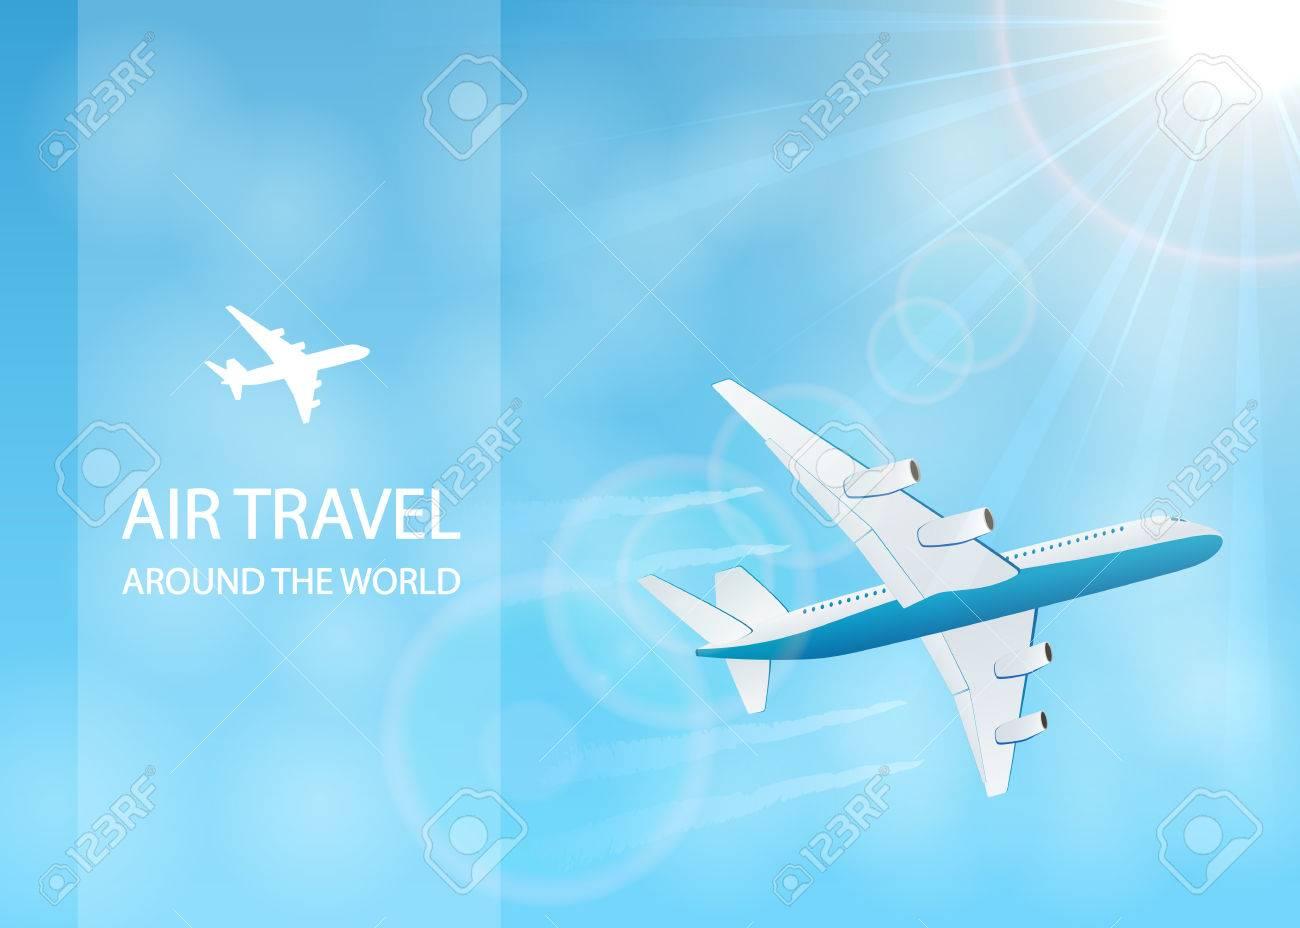 飛行の飛行機とイラスト世界中の空の旅の青い空に飛行機雲のイラスト